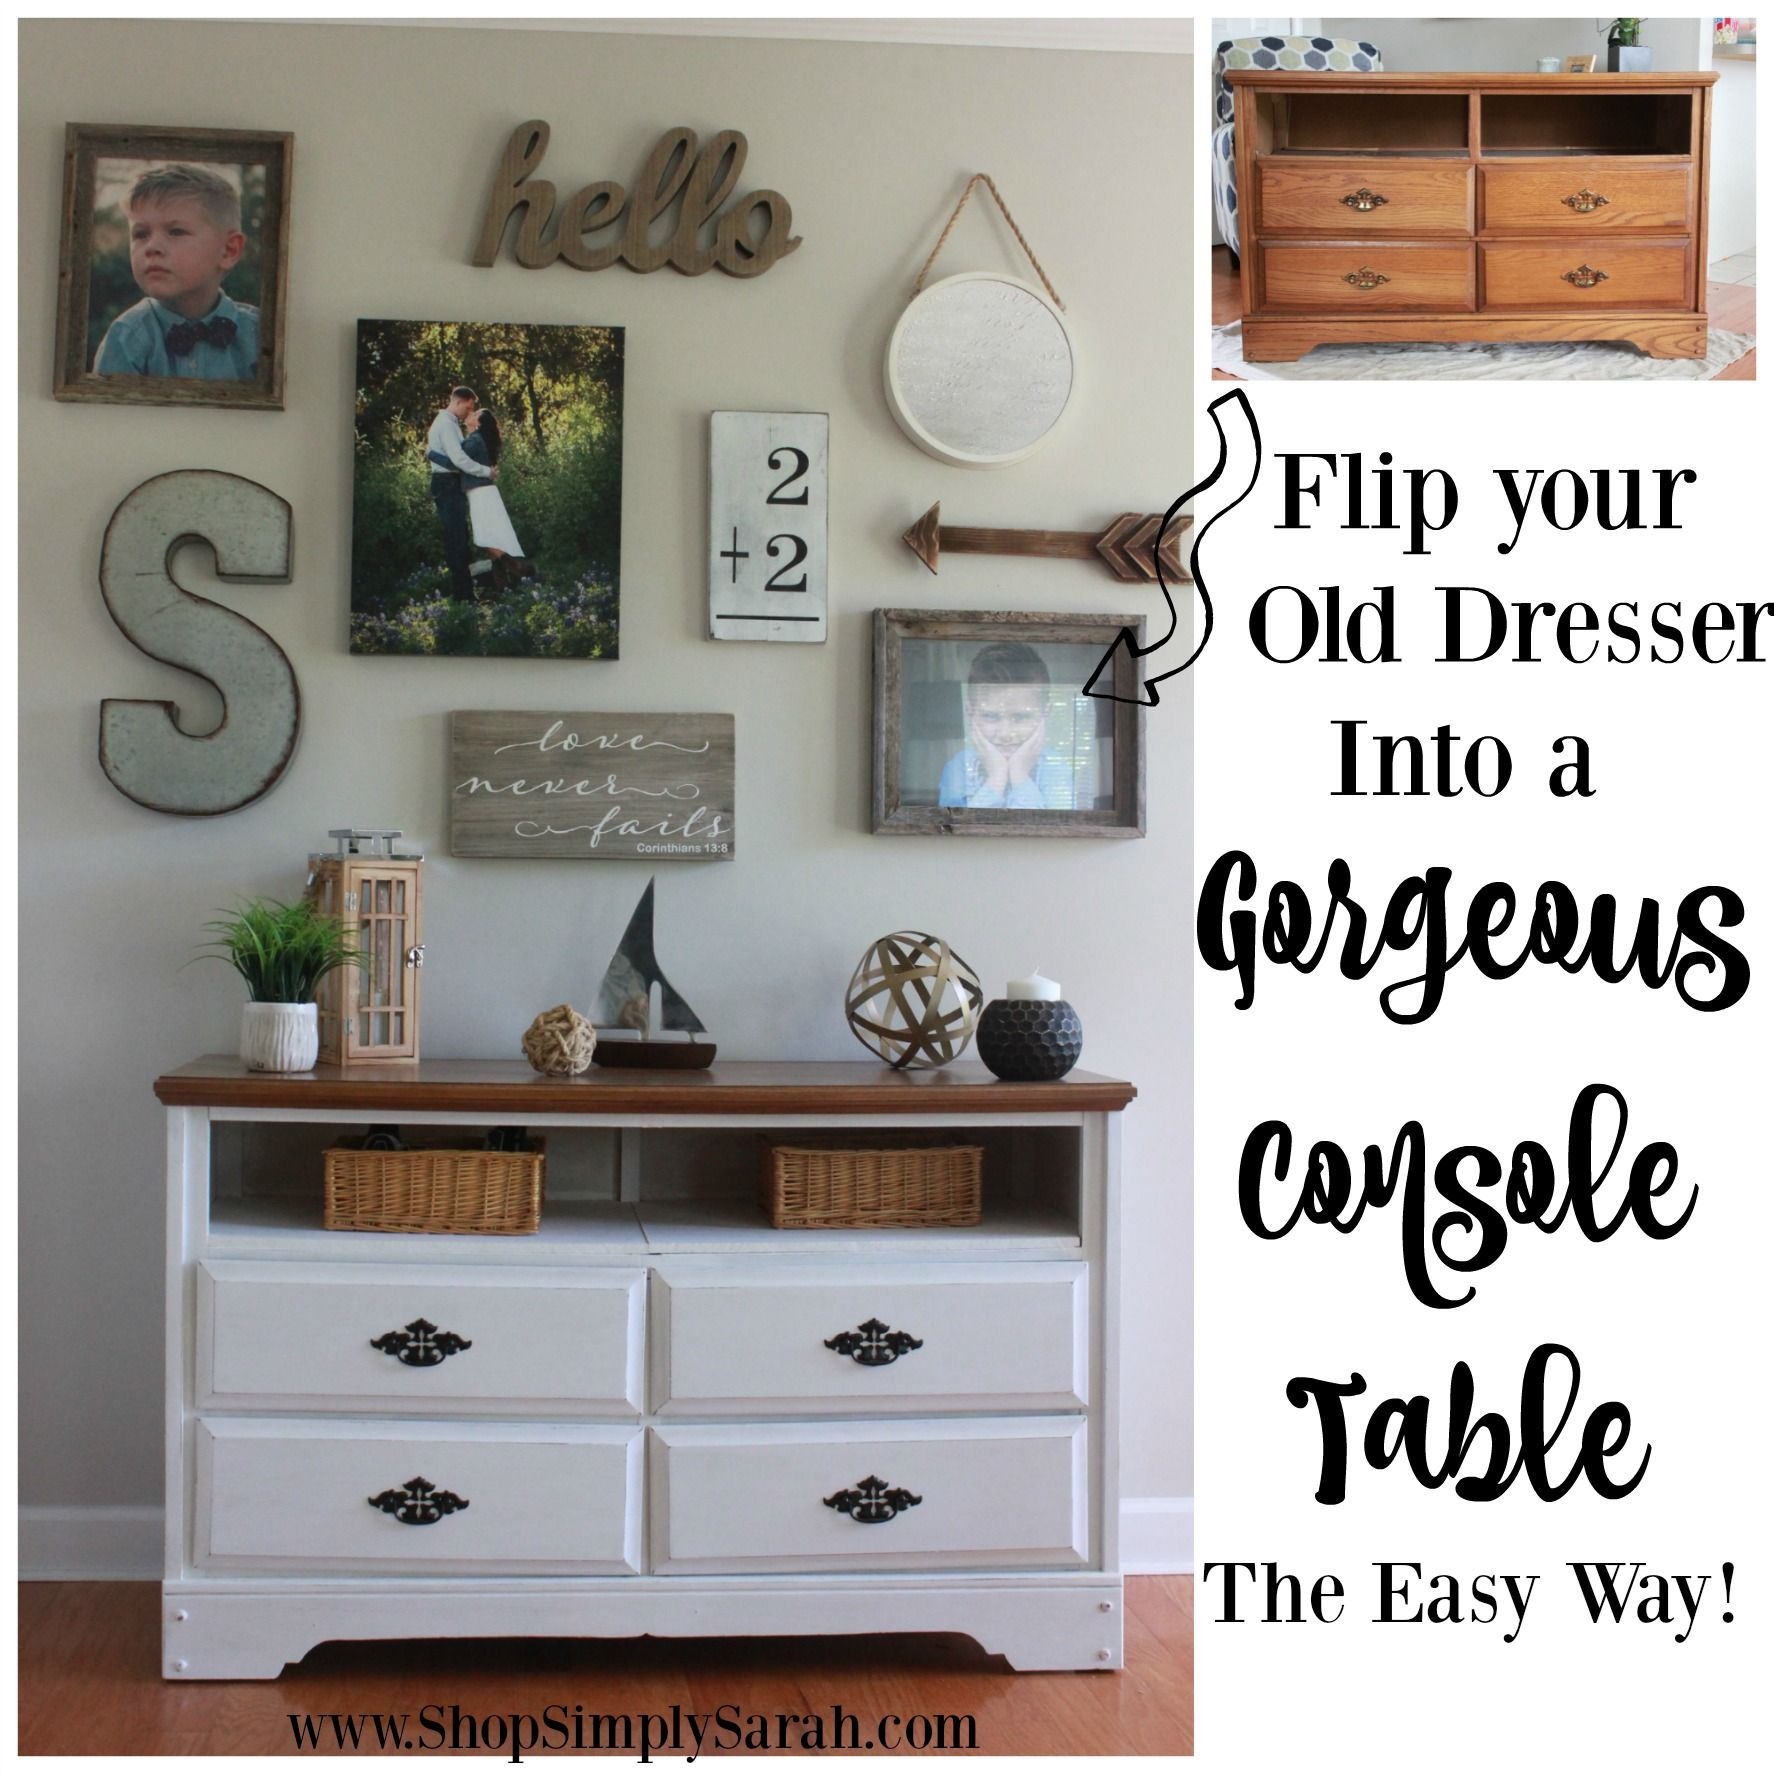 How To Add A Shelf An Old Dresser